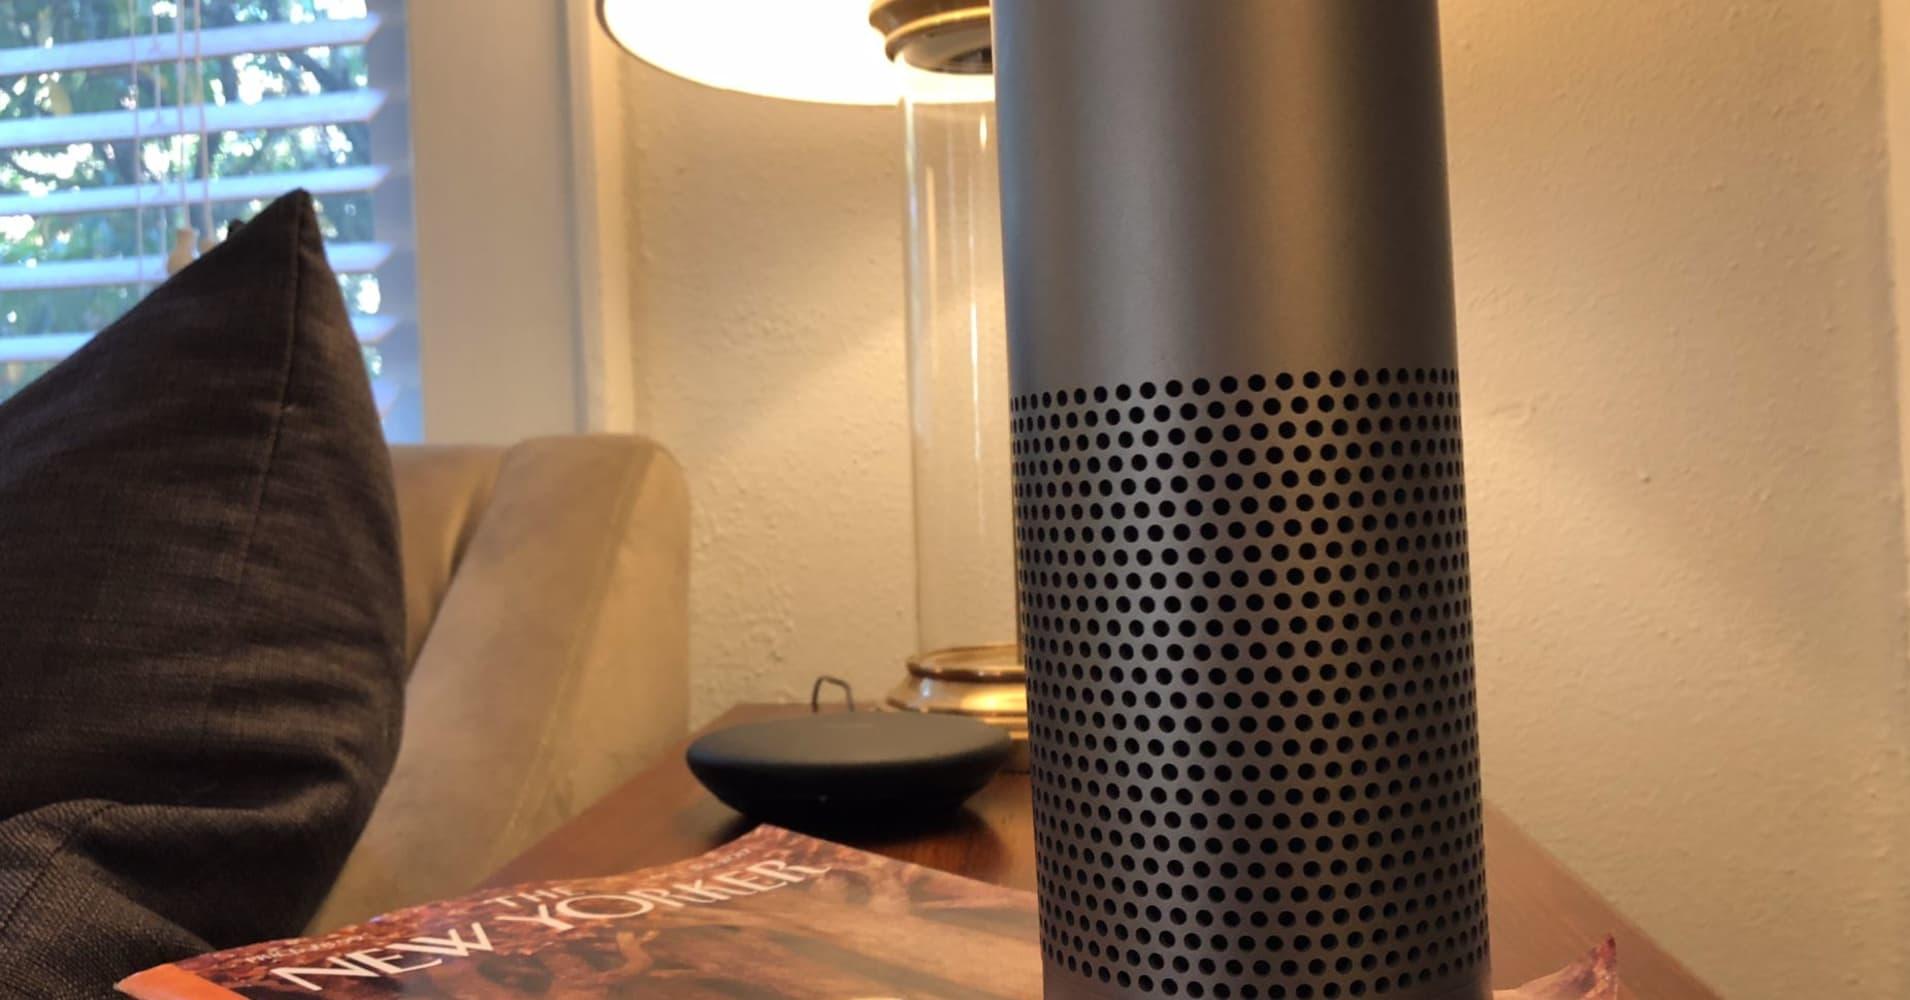 Amazon Alexa users buy more stuff, study shows